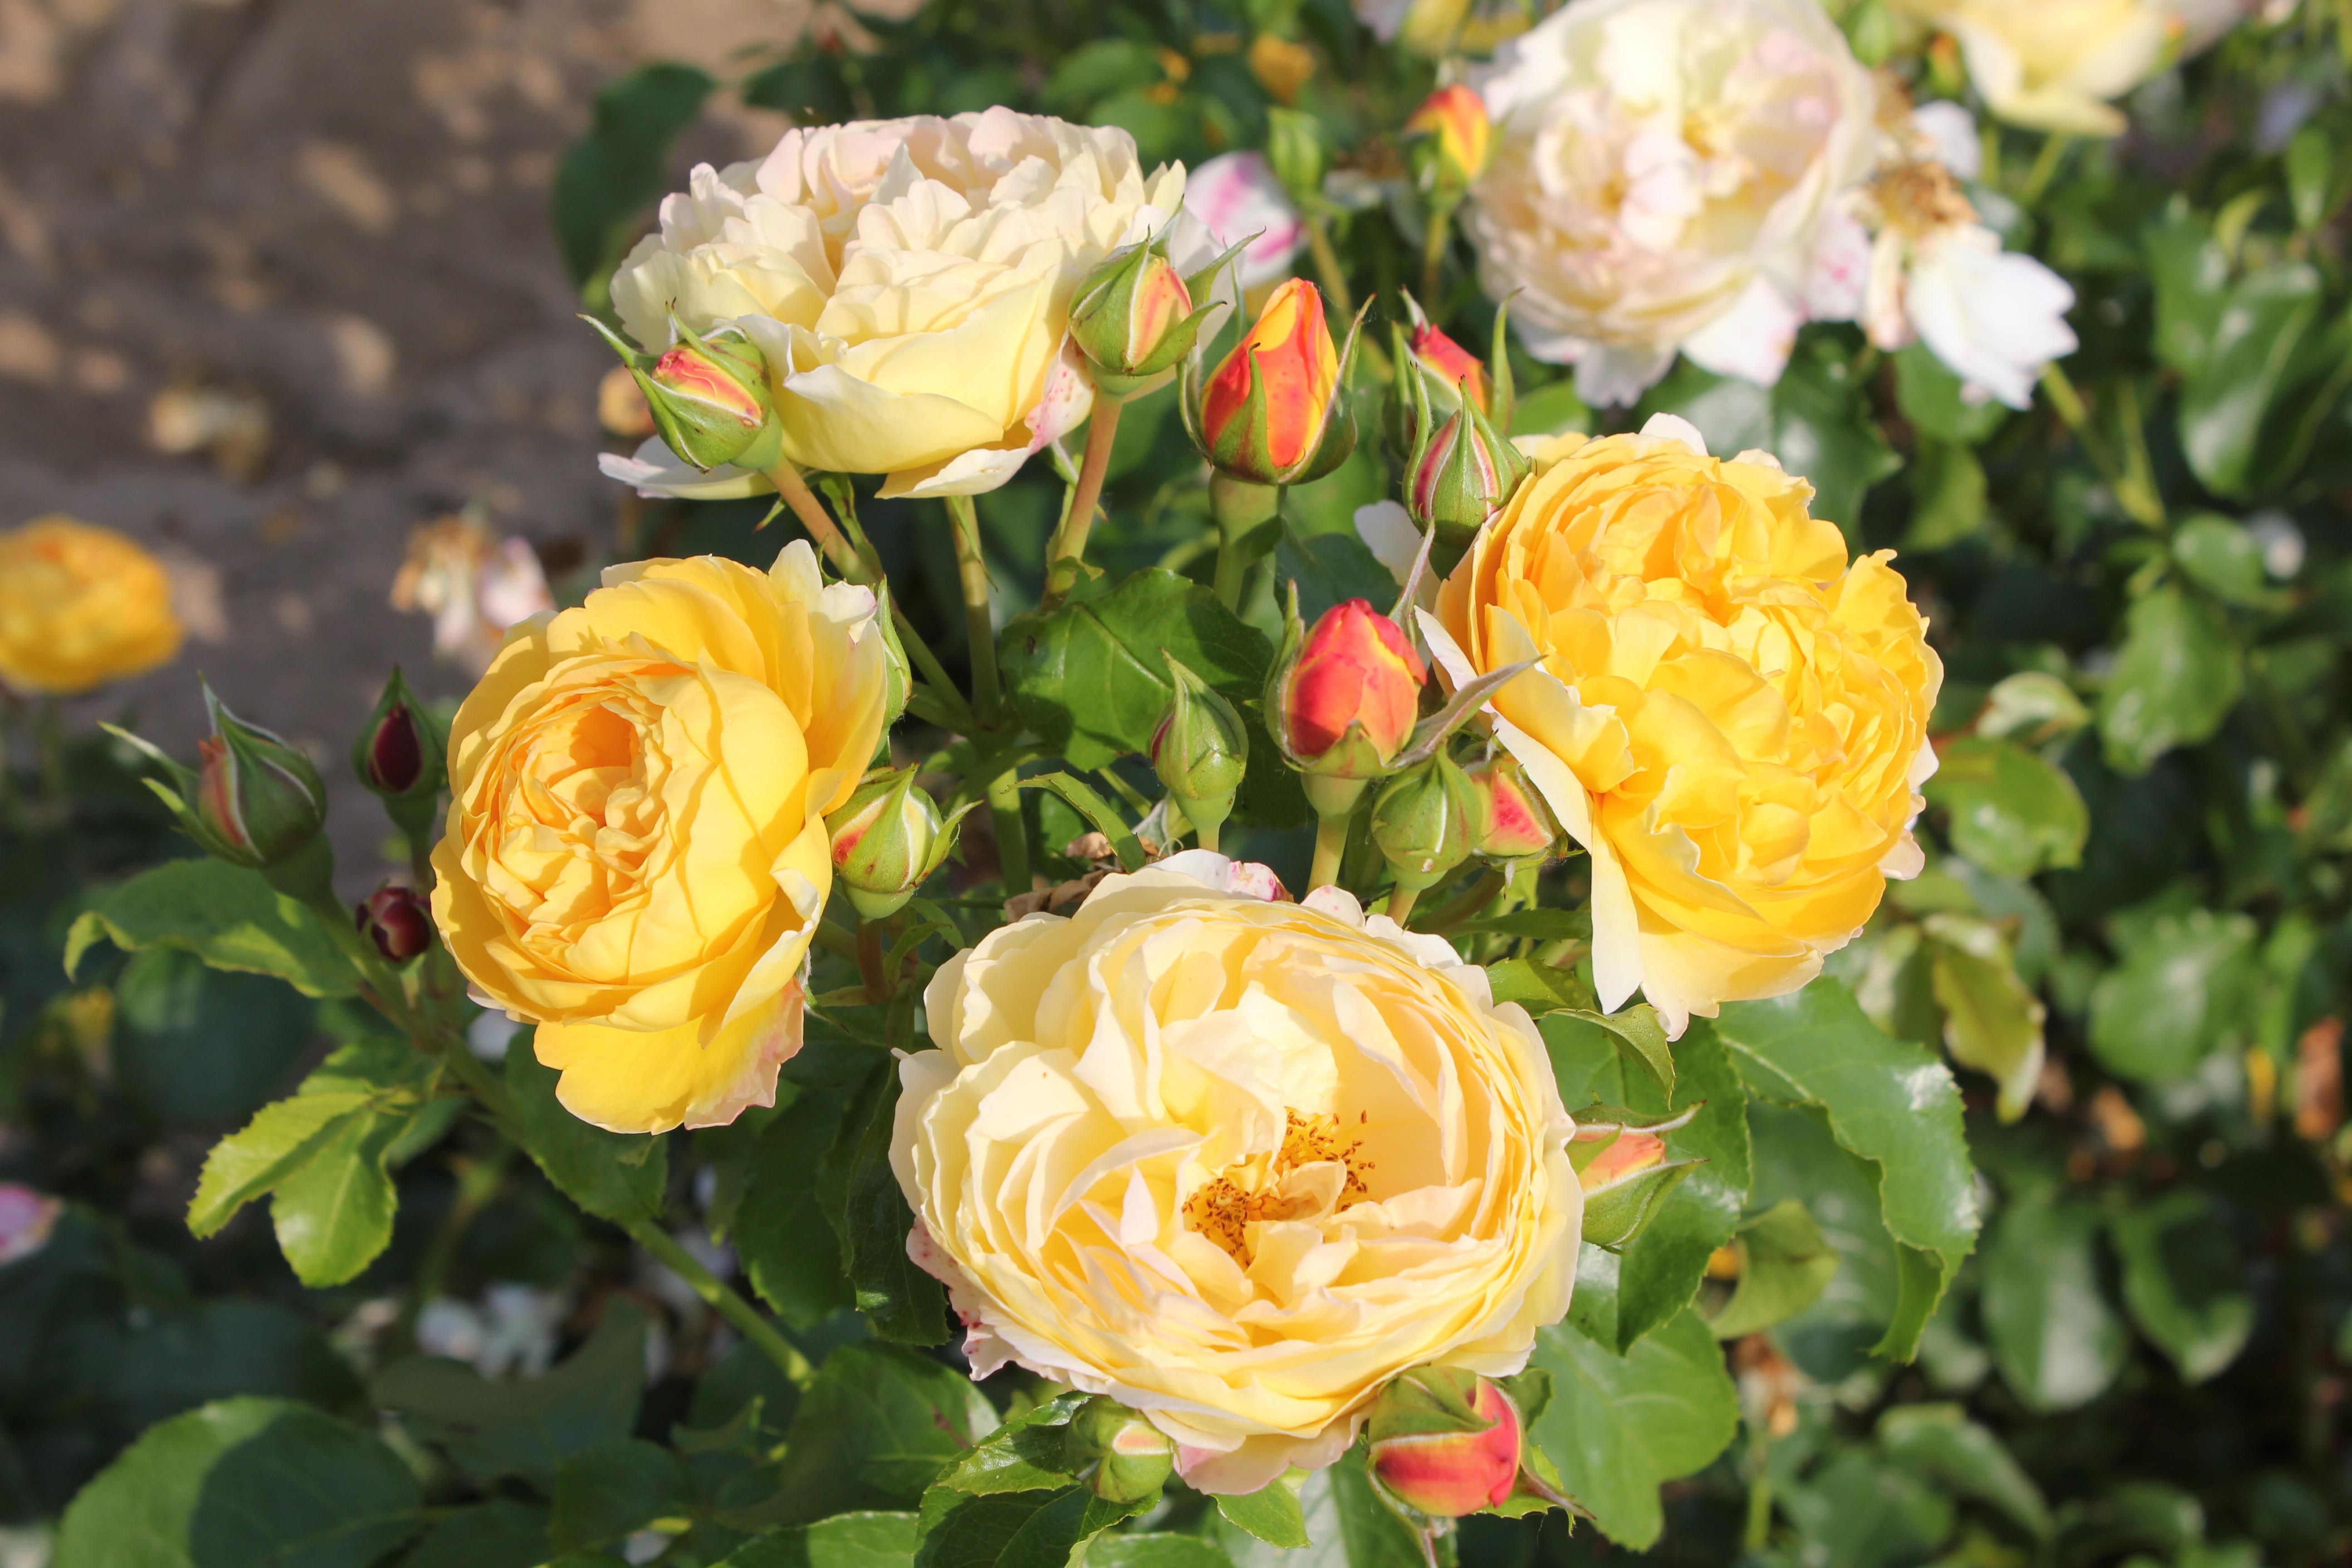 Faire Un Rosier Avec Une Rose grand prix de la rose archives - société nationale d